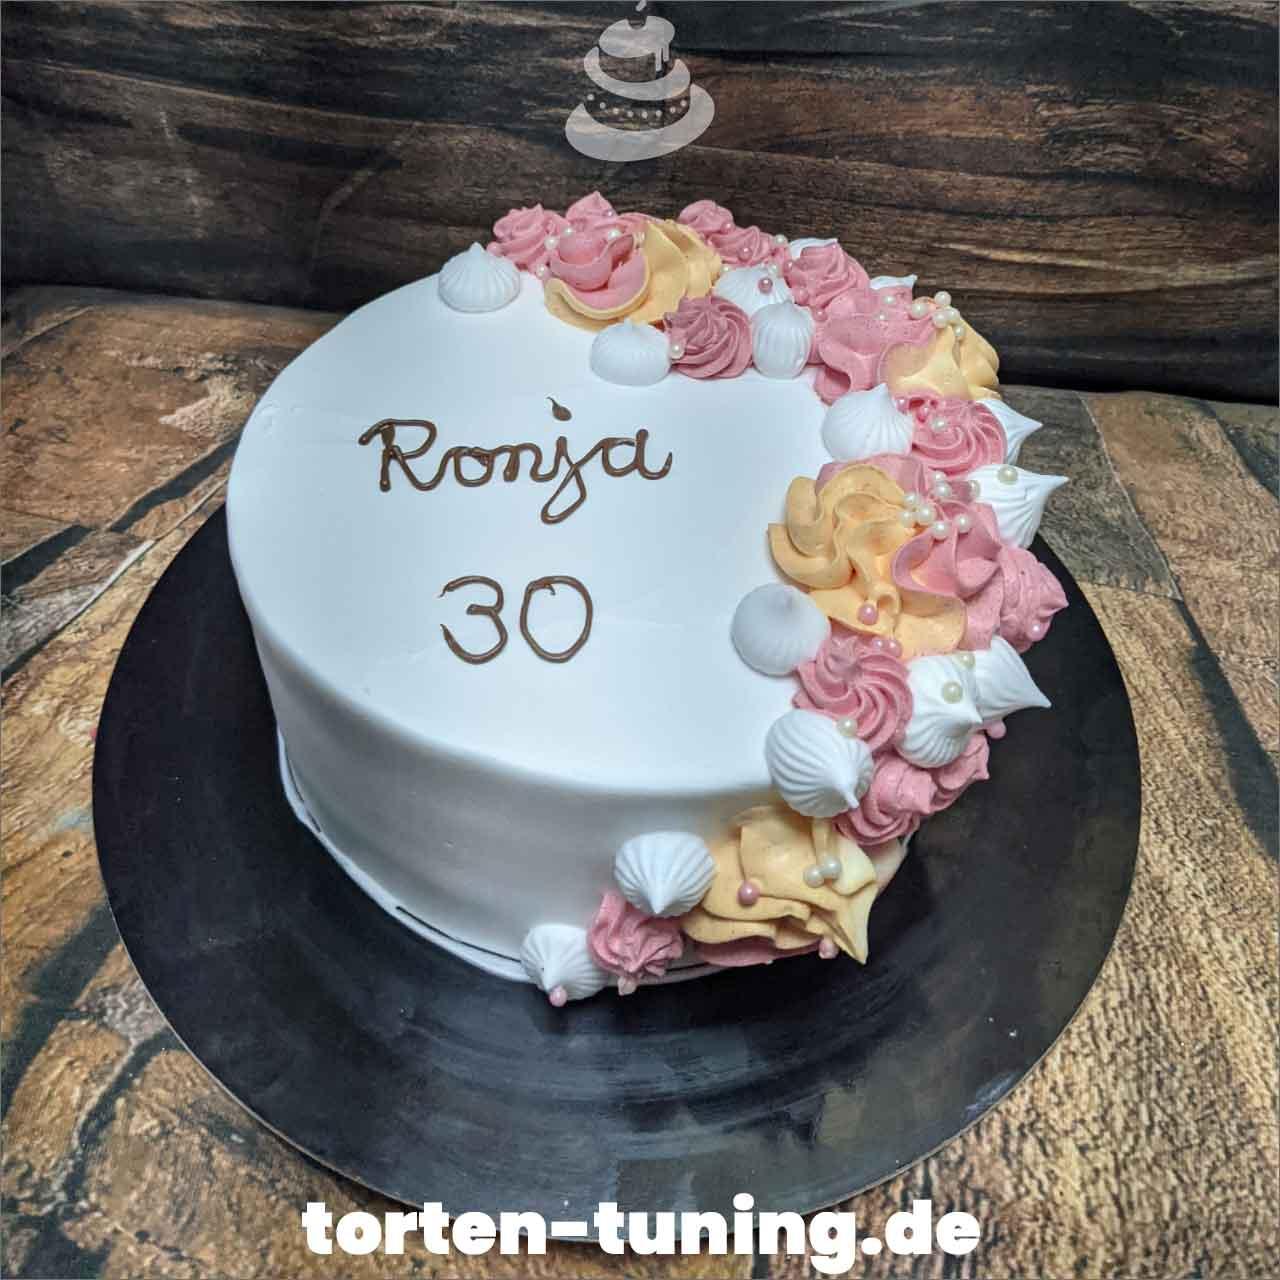 spritzdekor Dripcake Obsttorte Geburtstagstorte Motivtorte Torte Tortendekoration Torte online bestellen Suhl Thüringen Torten Tuning Sahnetorte Tortenfiguren Cake Topper